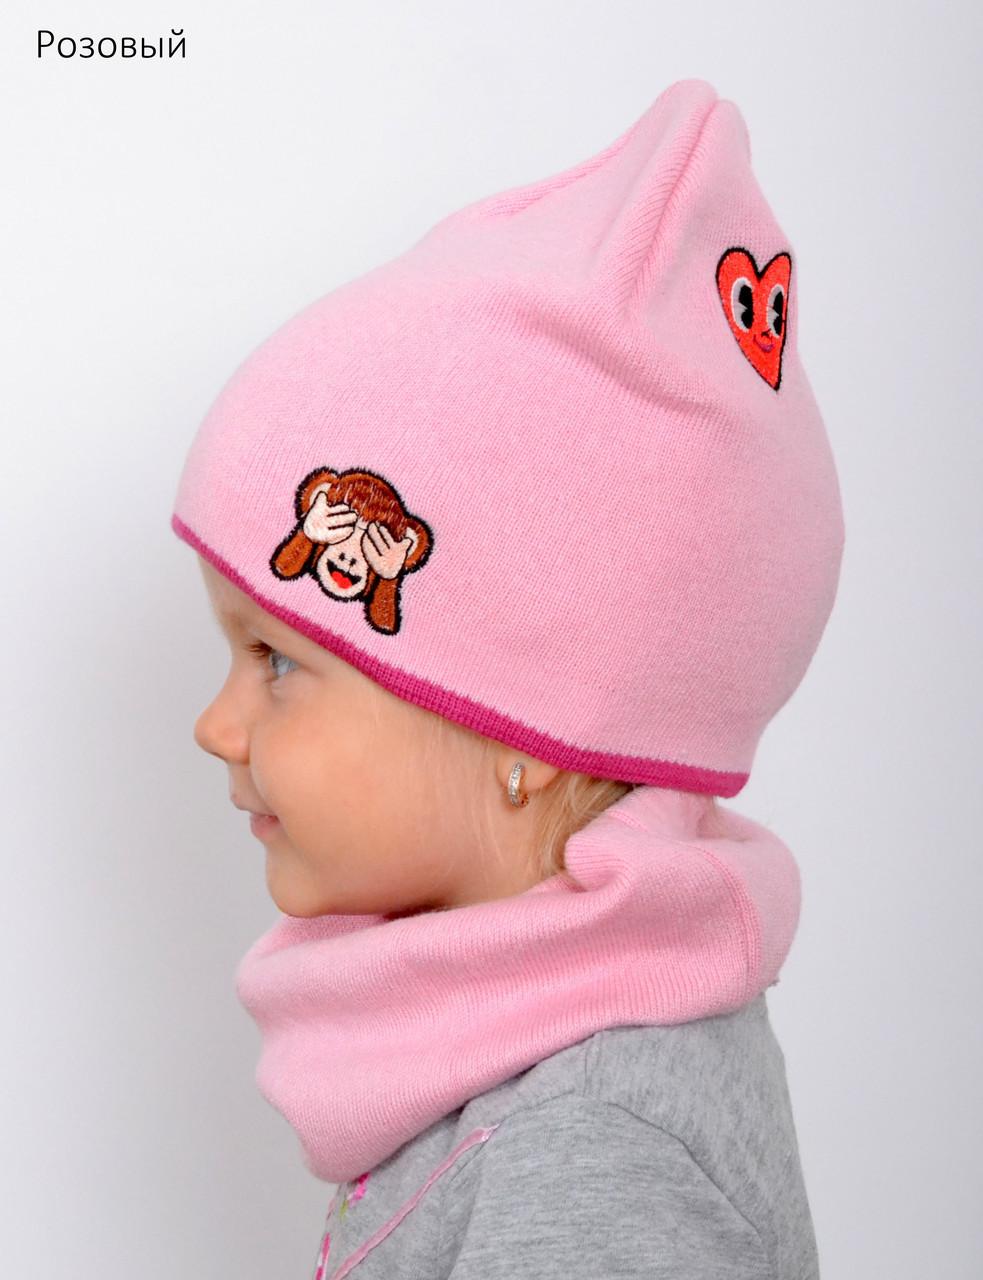 Весенняя шапка для девочки Обезьянка